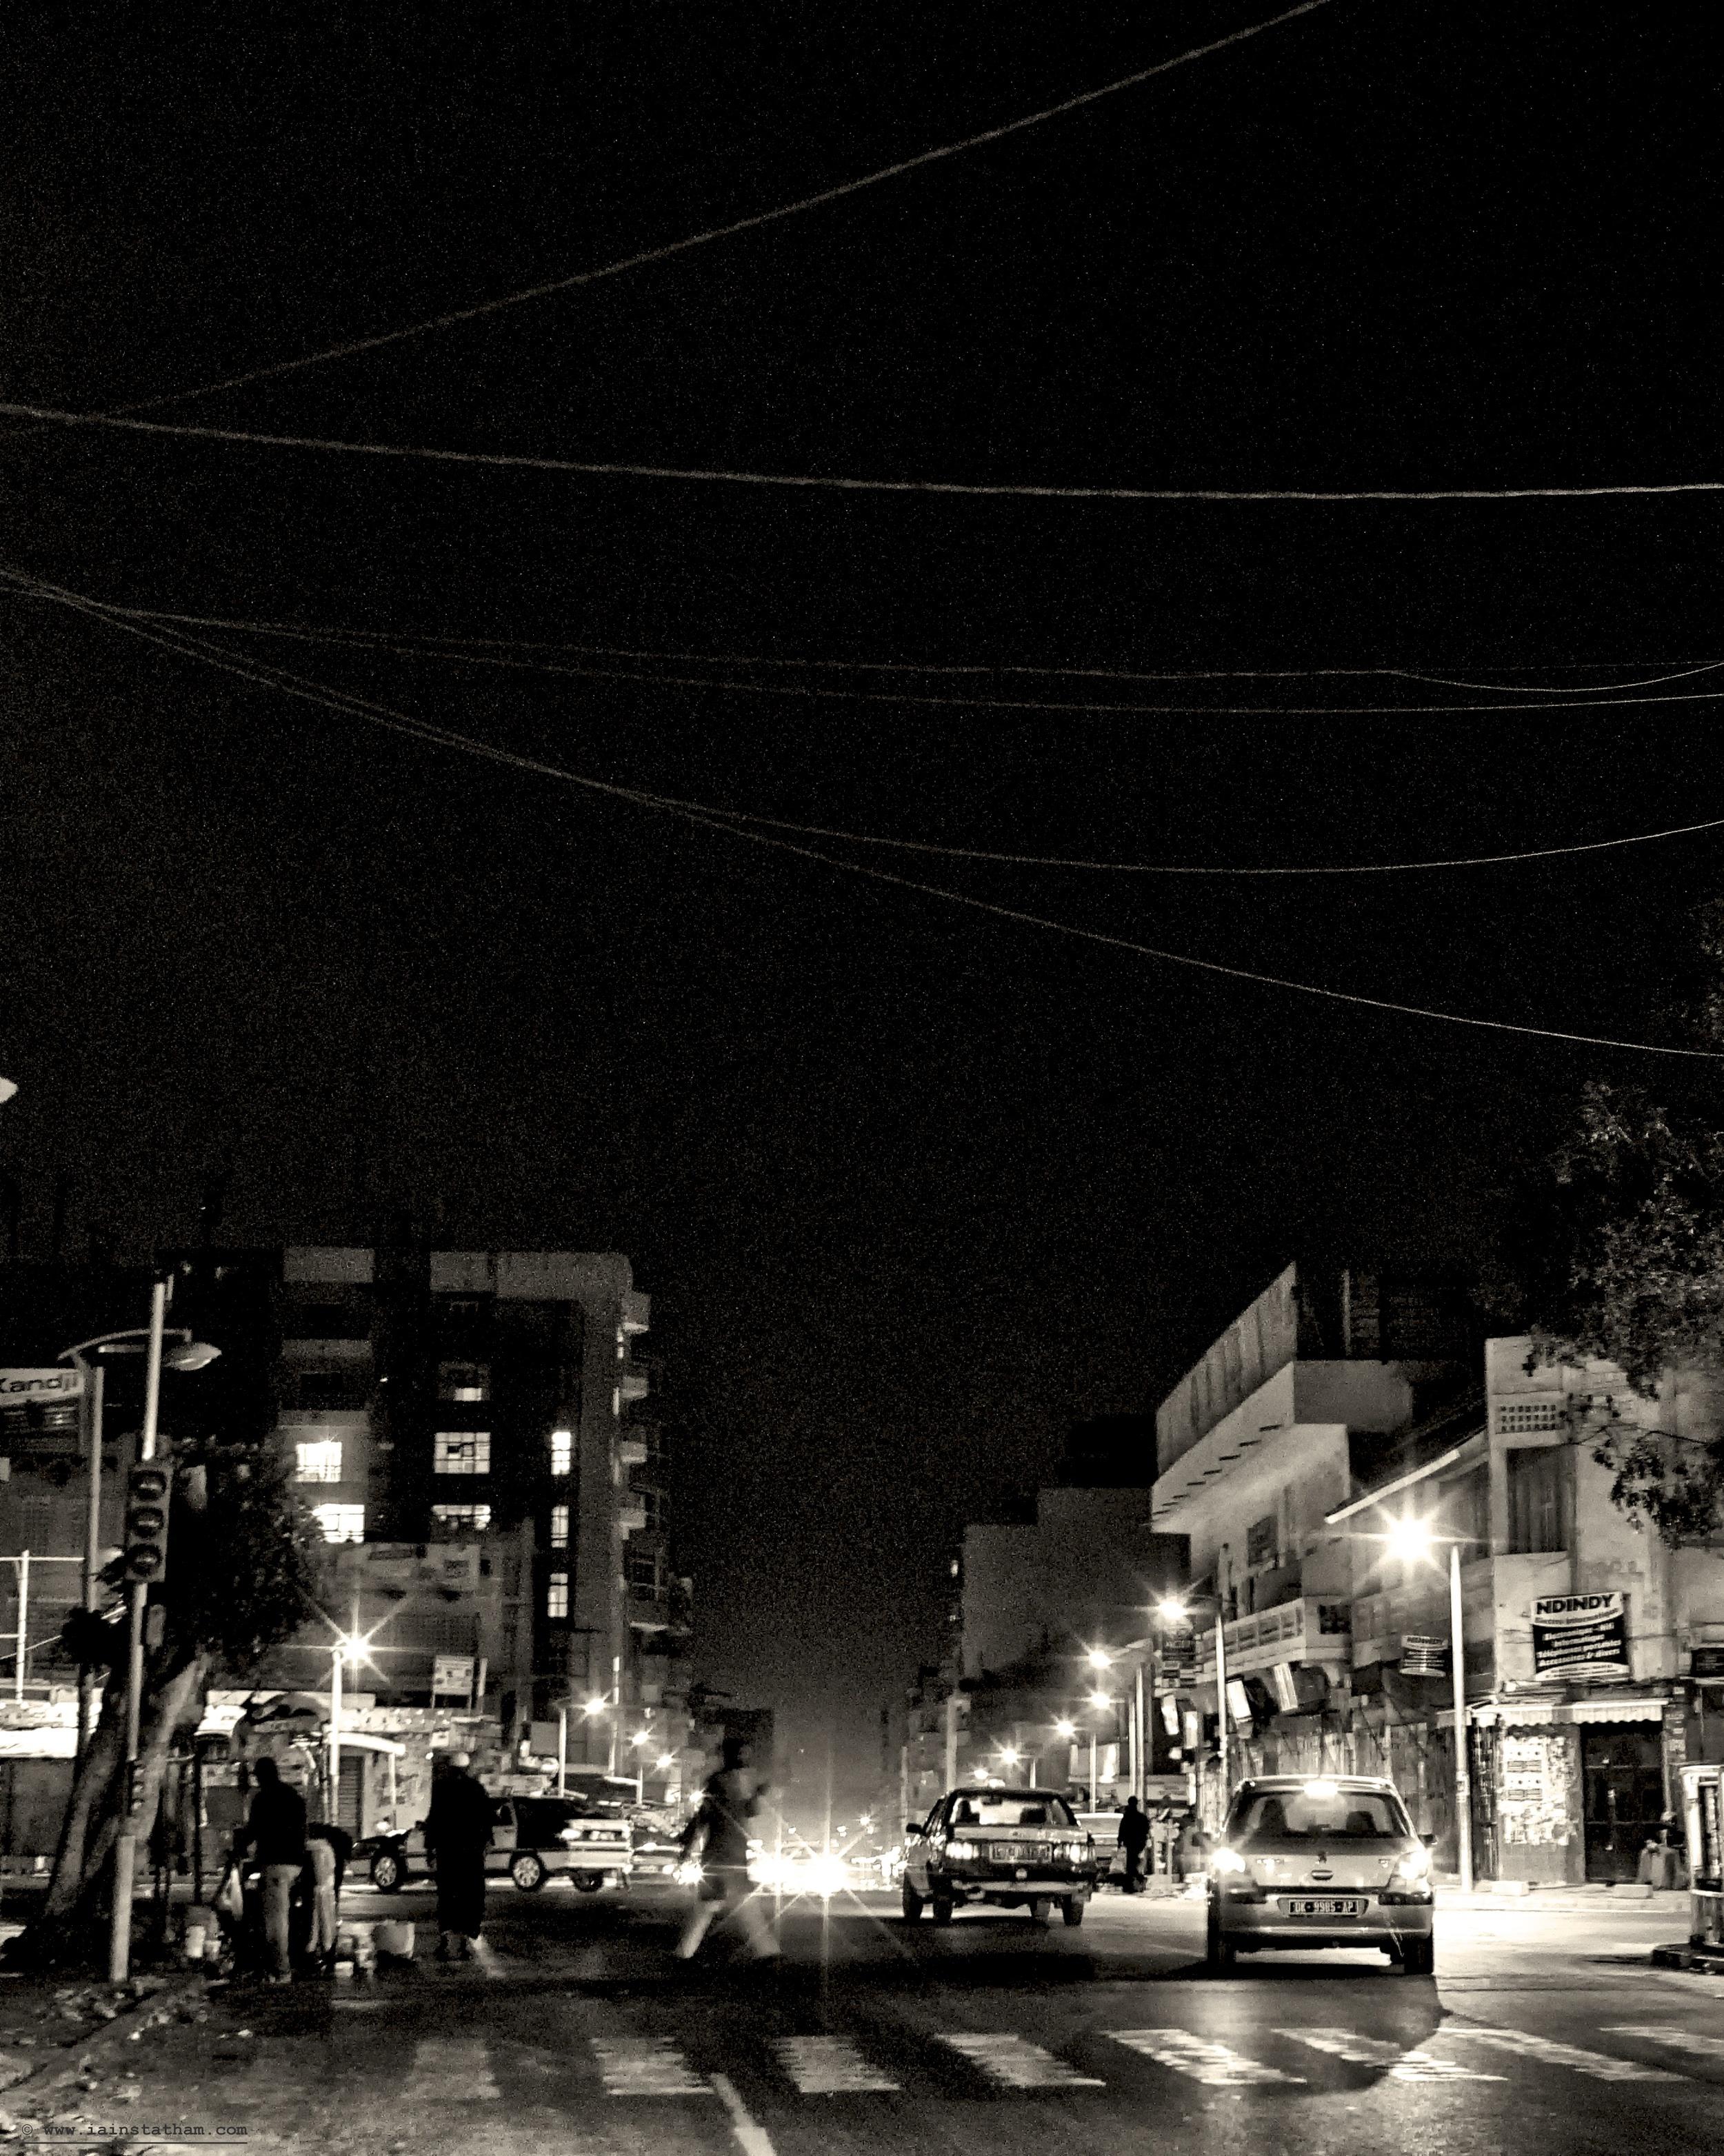 night time in dakar 3.jpg